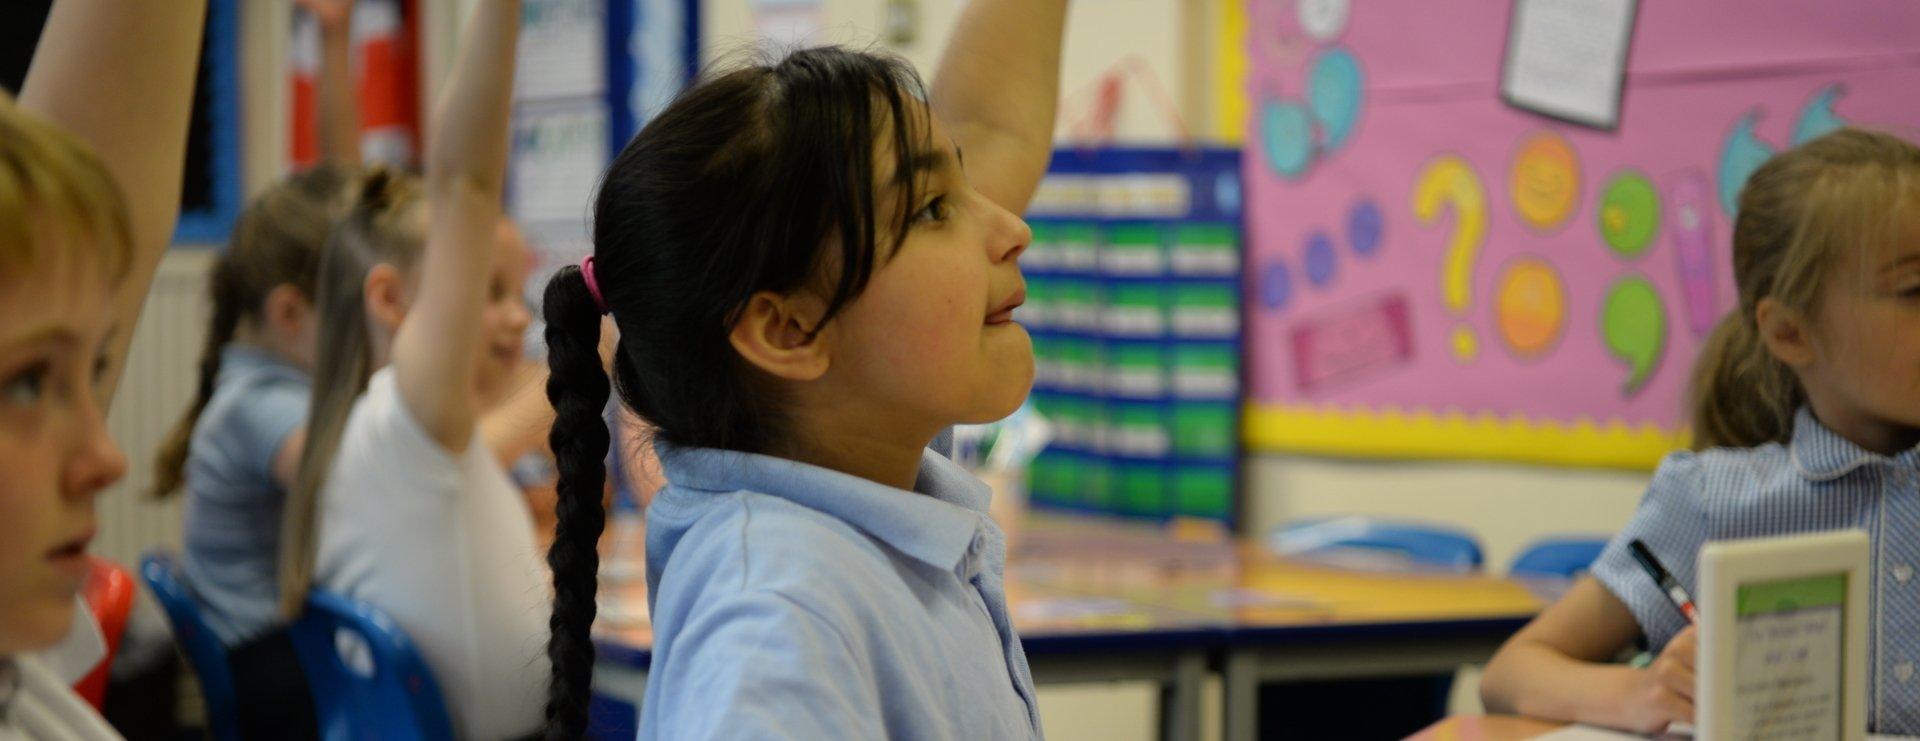 Netherton C of E Primary School - Home